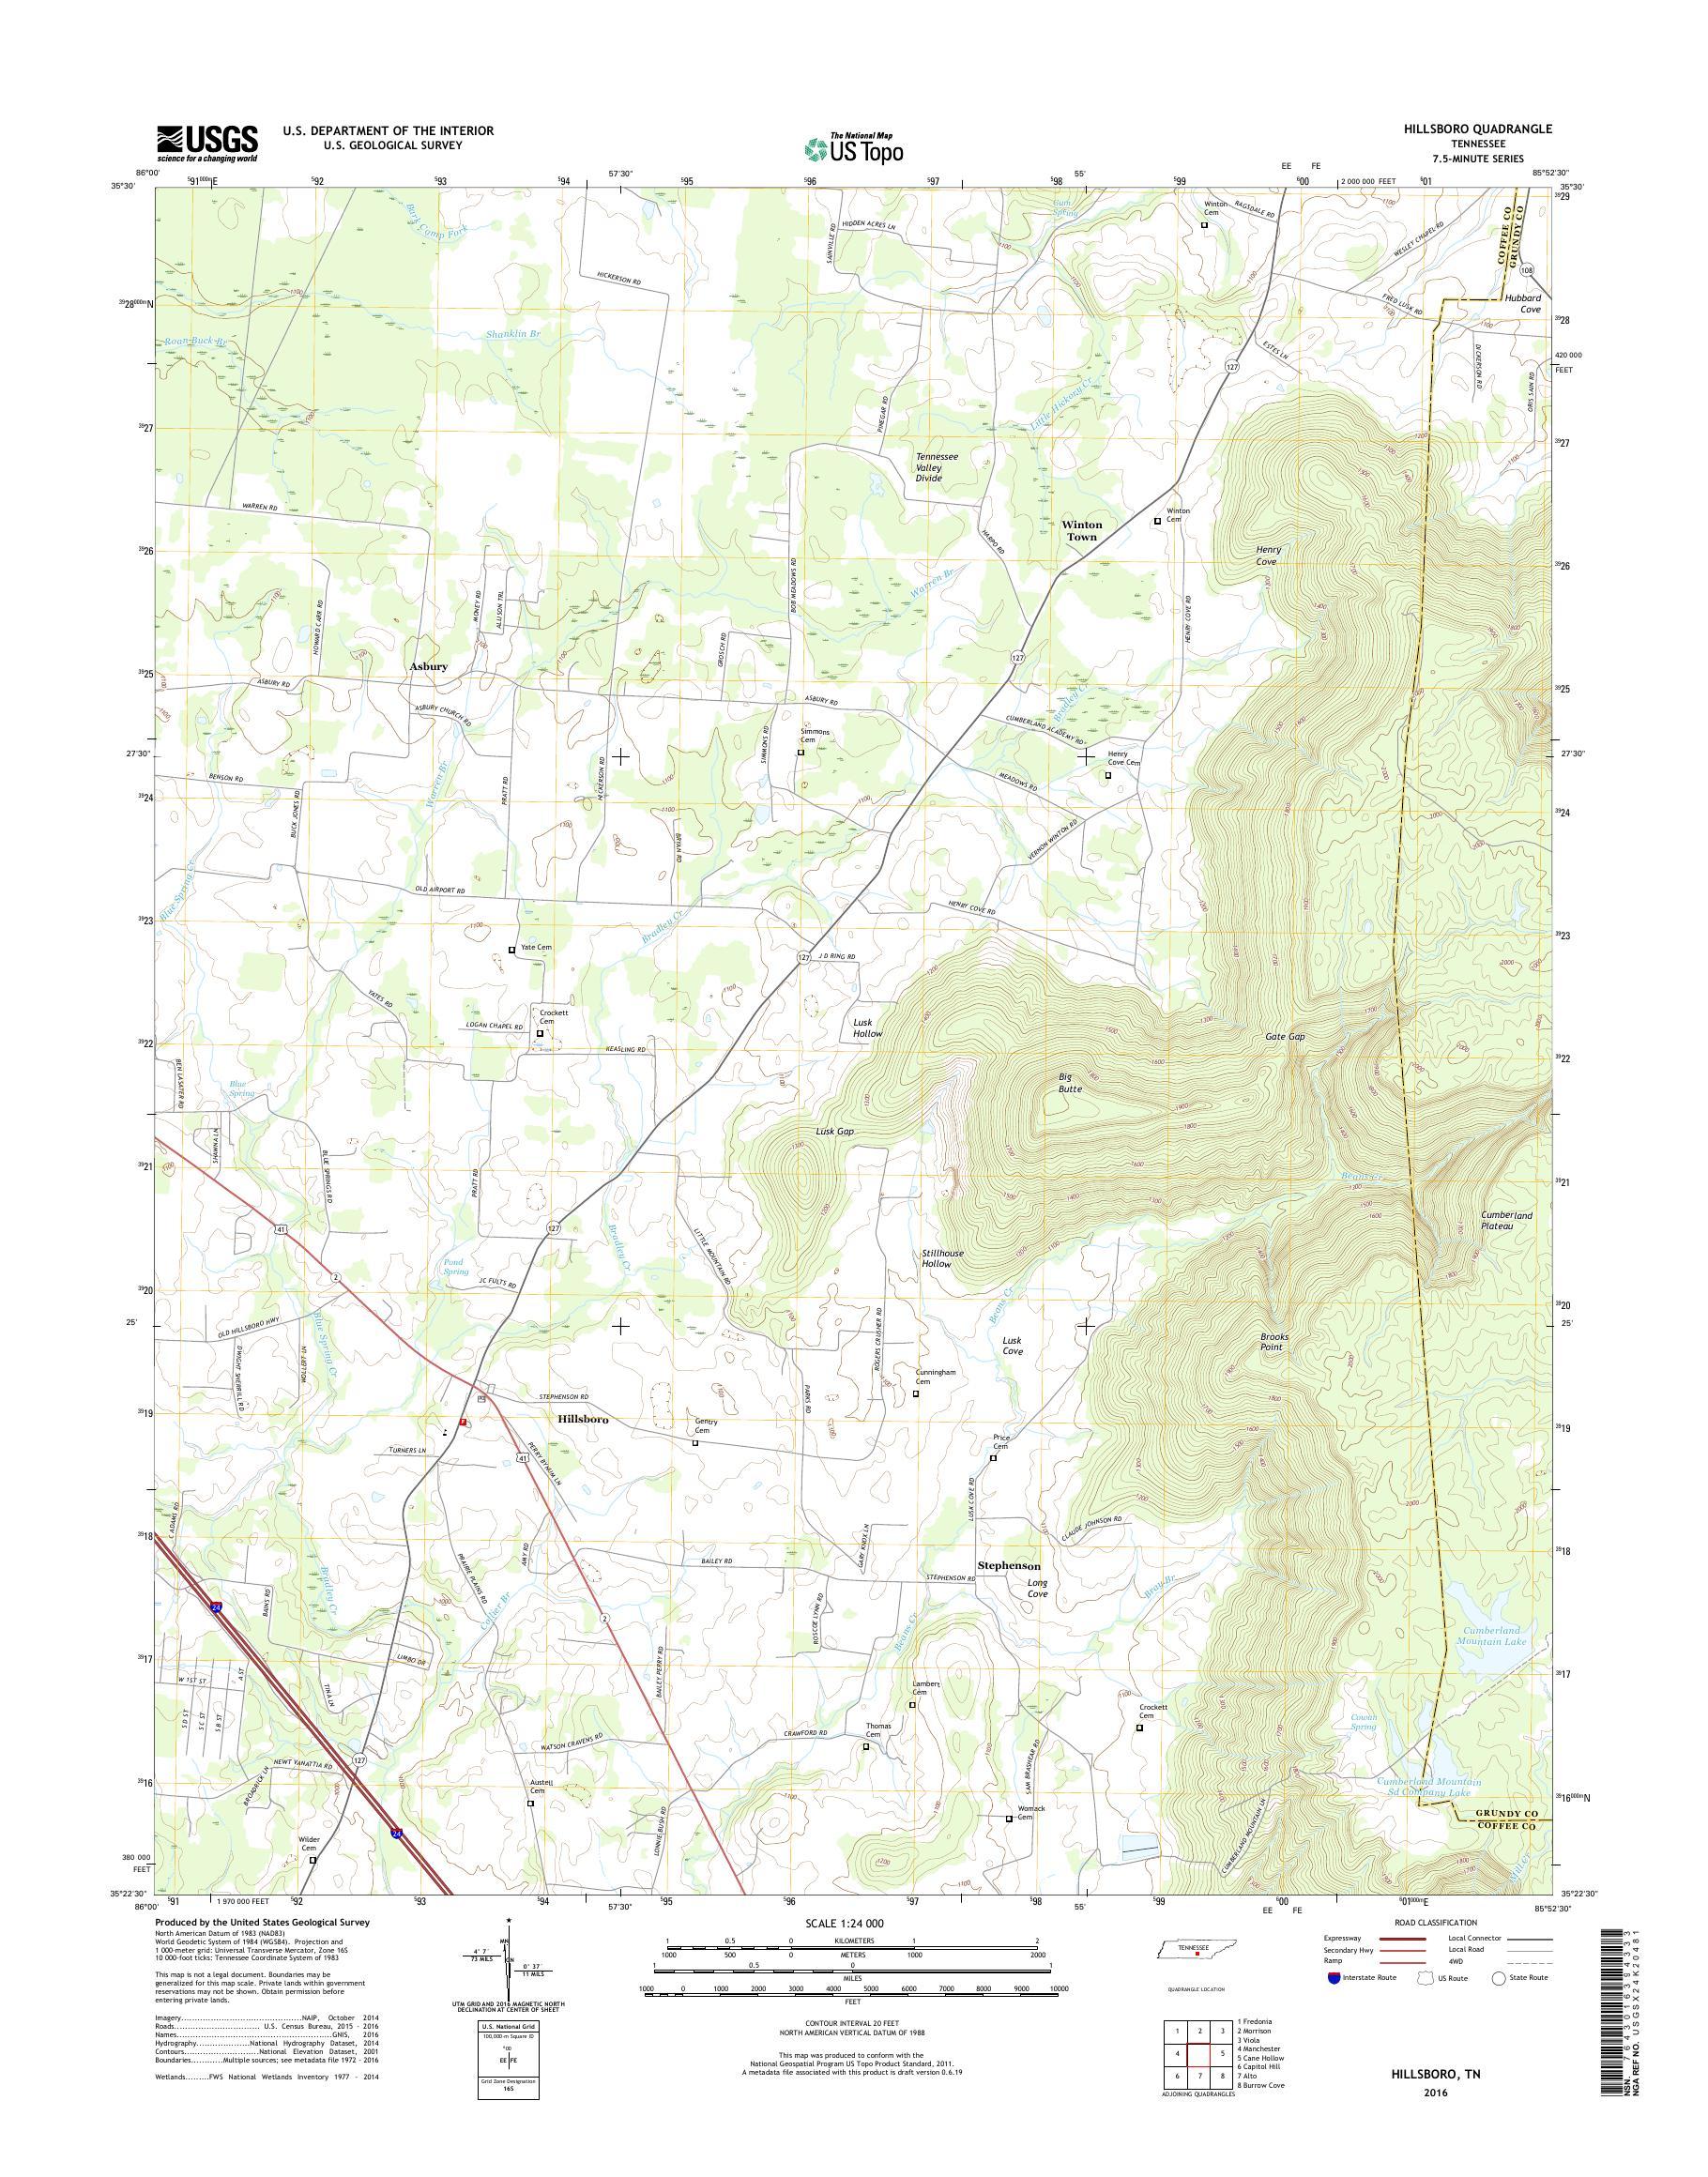 MyTopo Hillsboro, Tennessee USGS Quad Topo Map